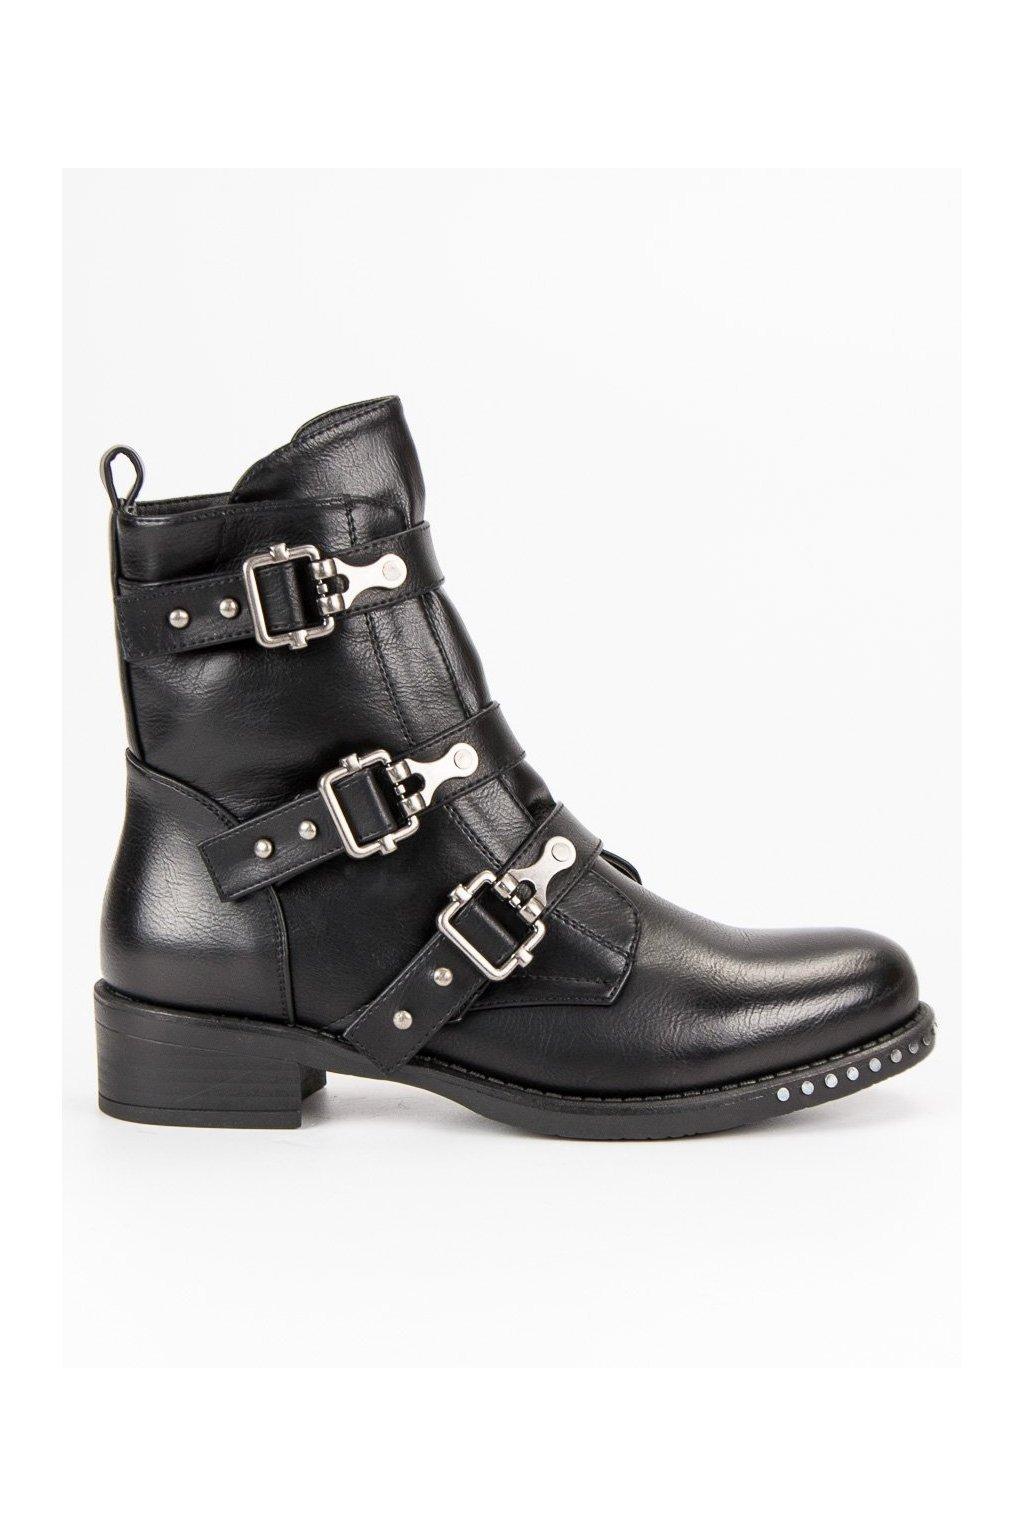 Dámske rockové kotníkové topánky na jeseň čierne NS08B